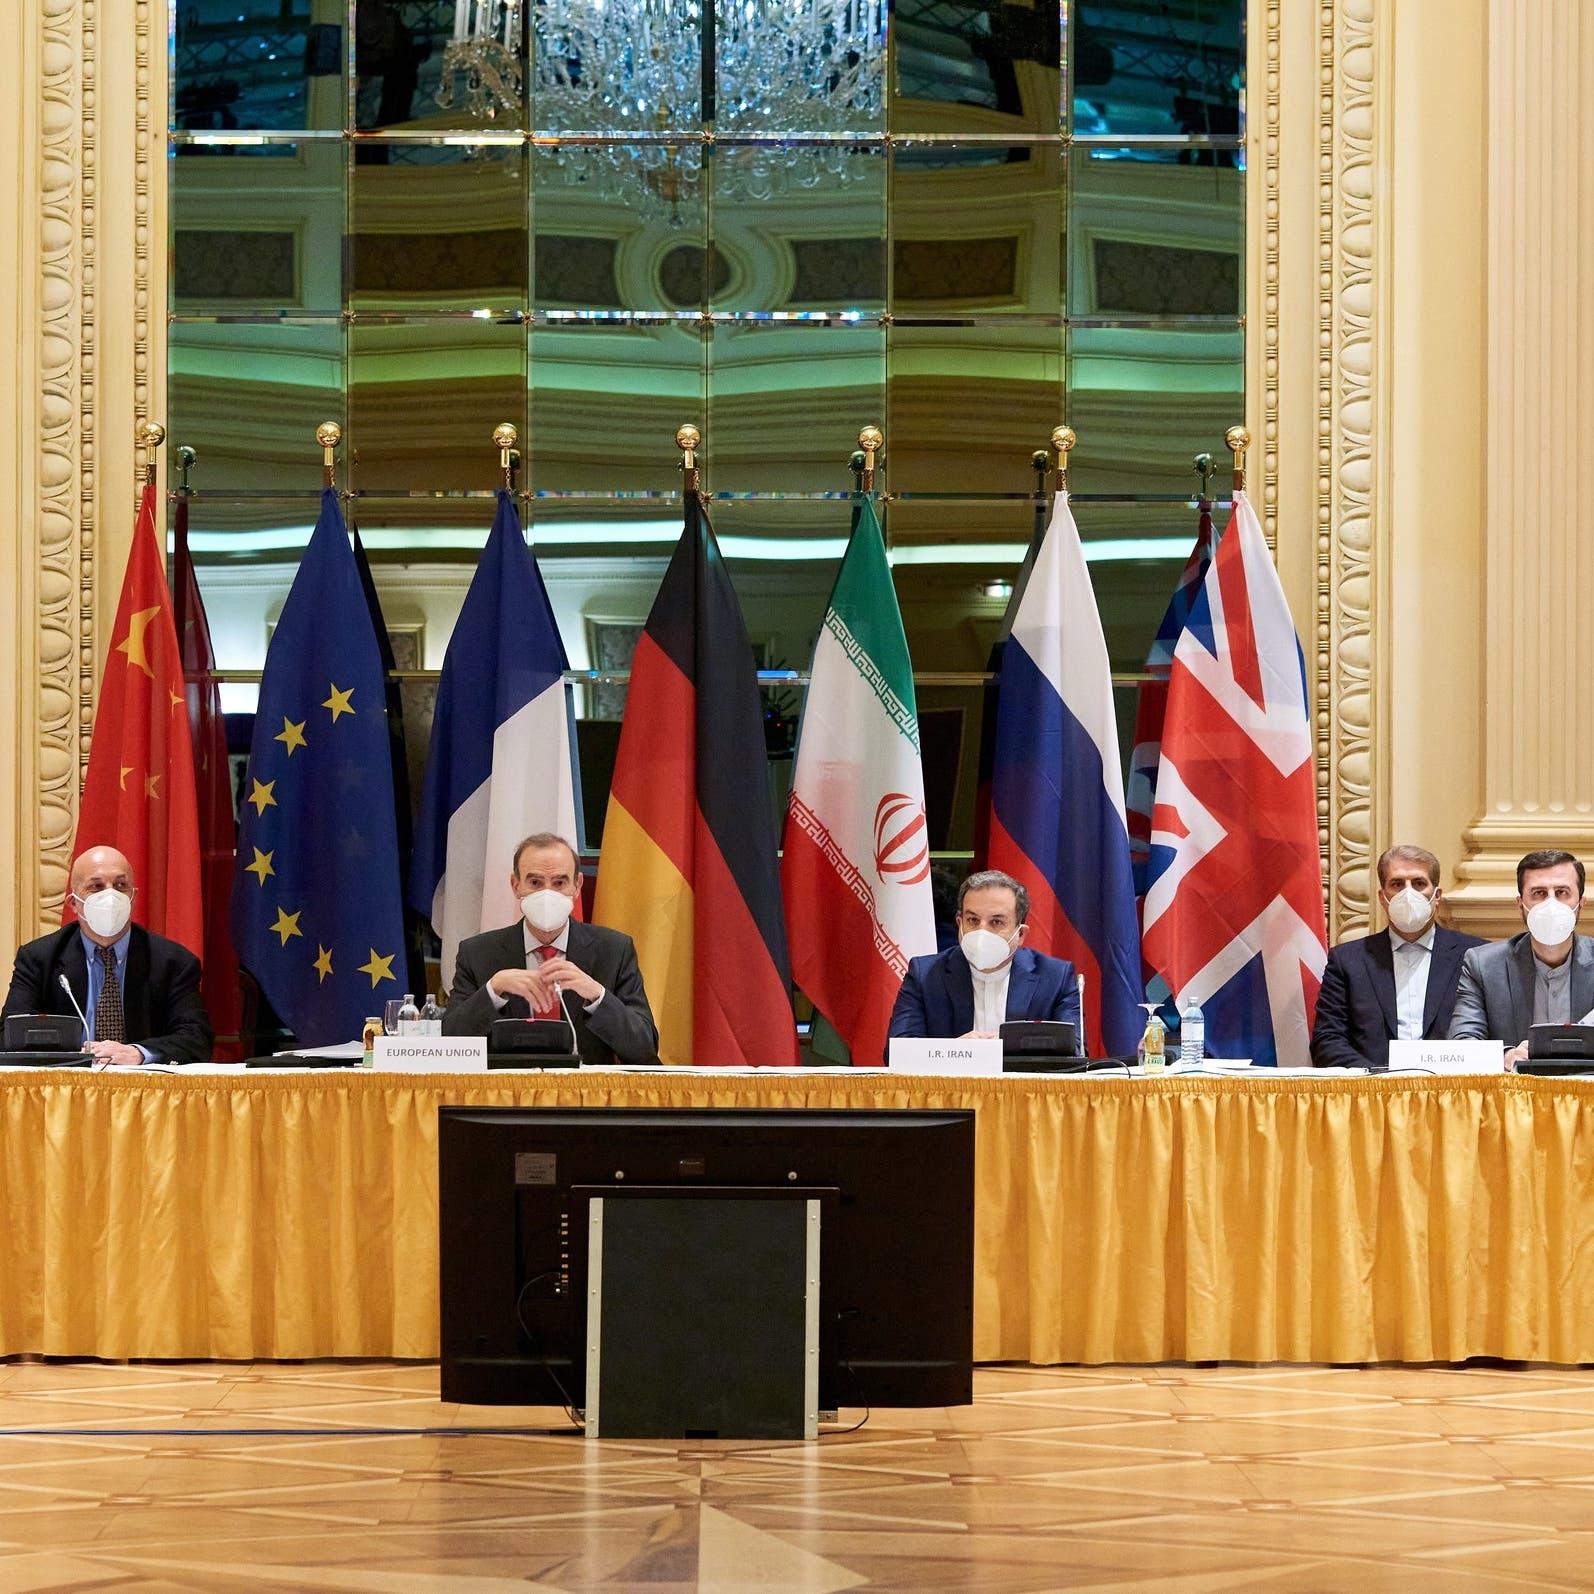 الاتحاد الأوروبي: نبذل ما في وسعنا لإنجاح محادثات فيينا